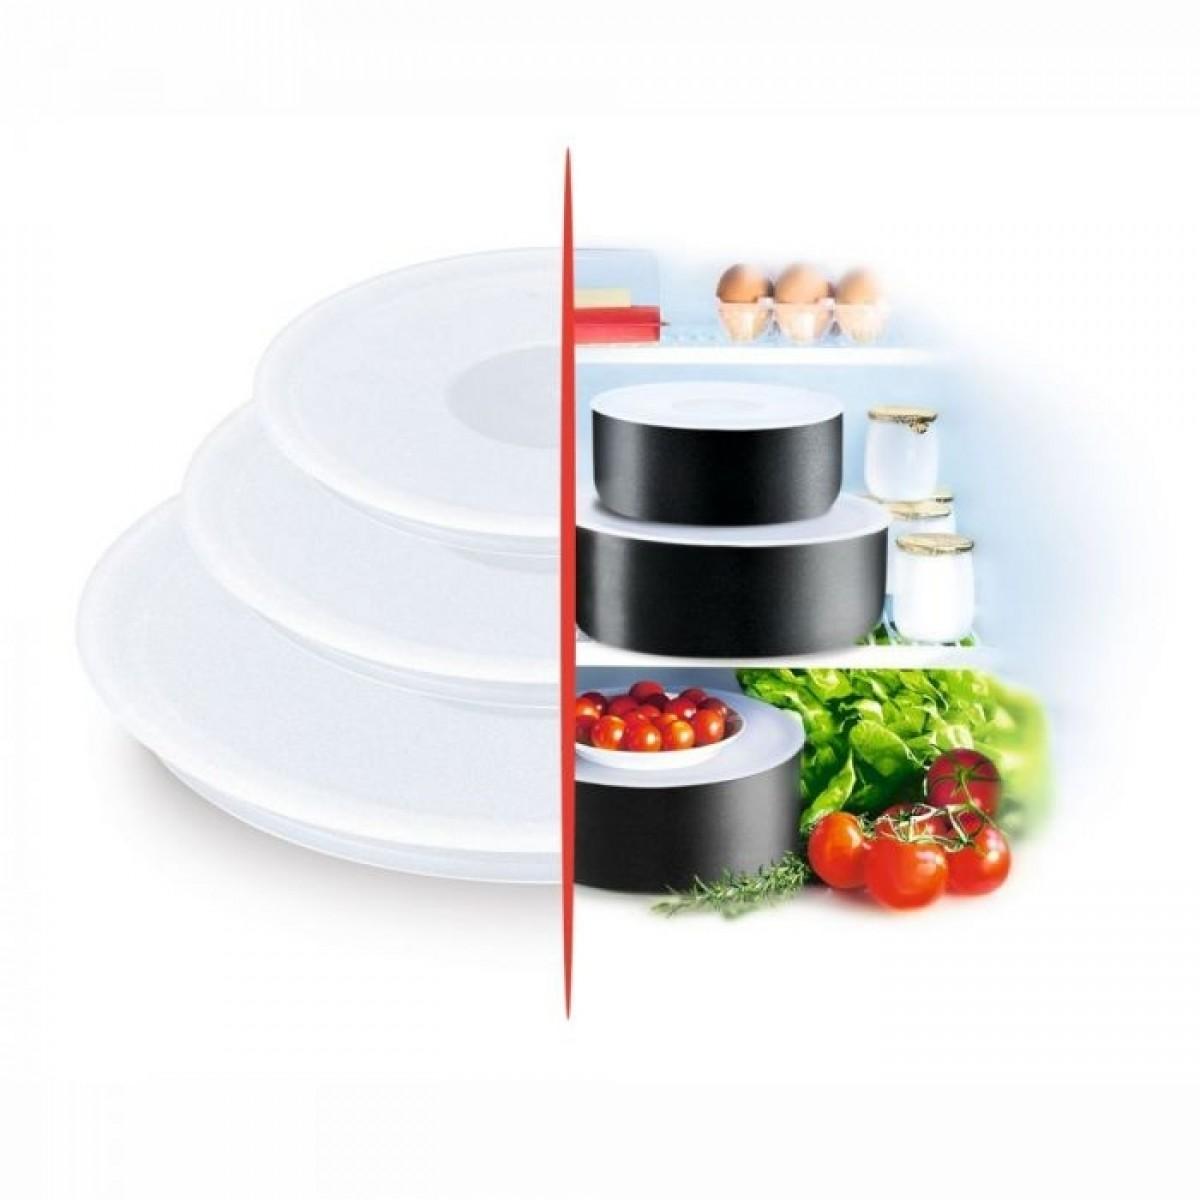 TEFALIngenioexperticeplastlgst3stk-01